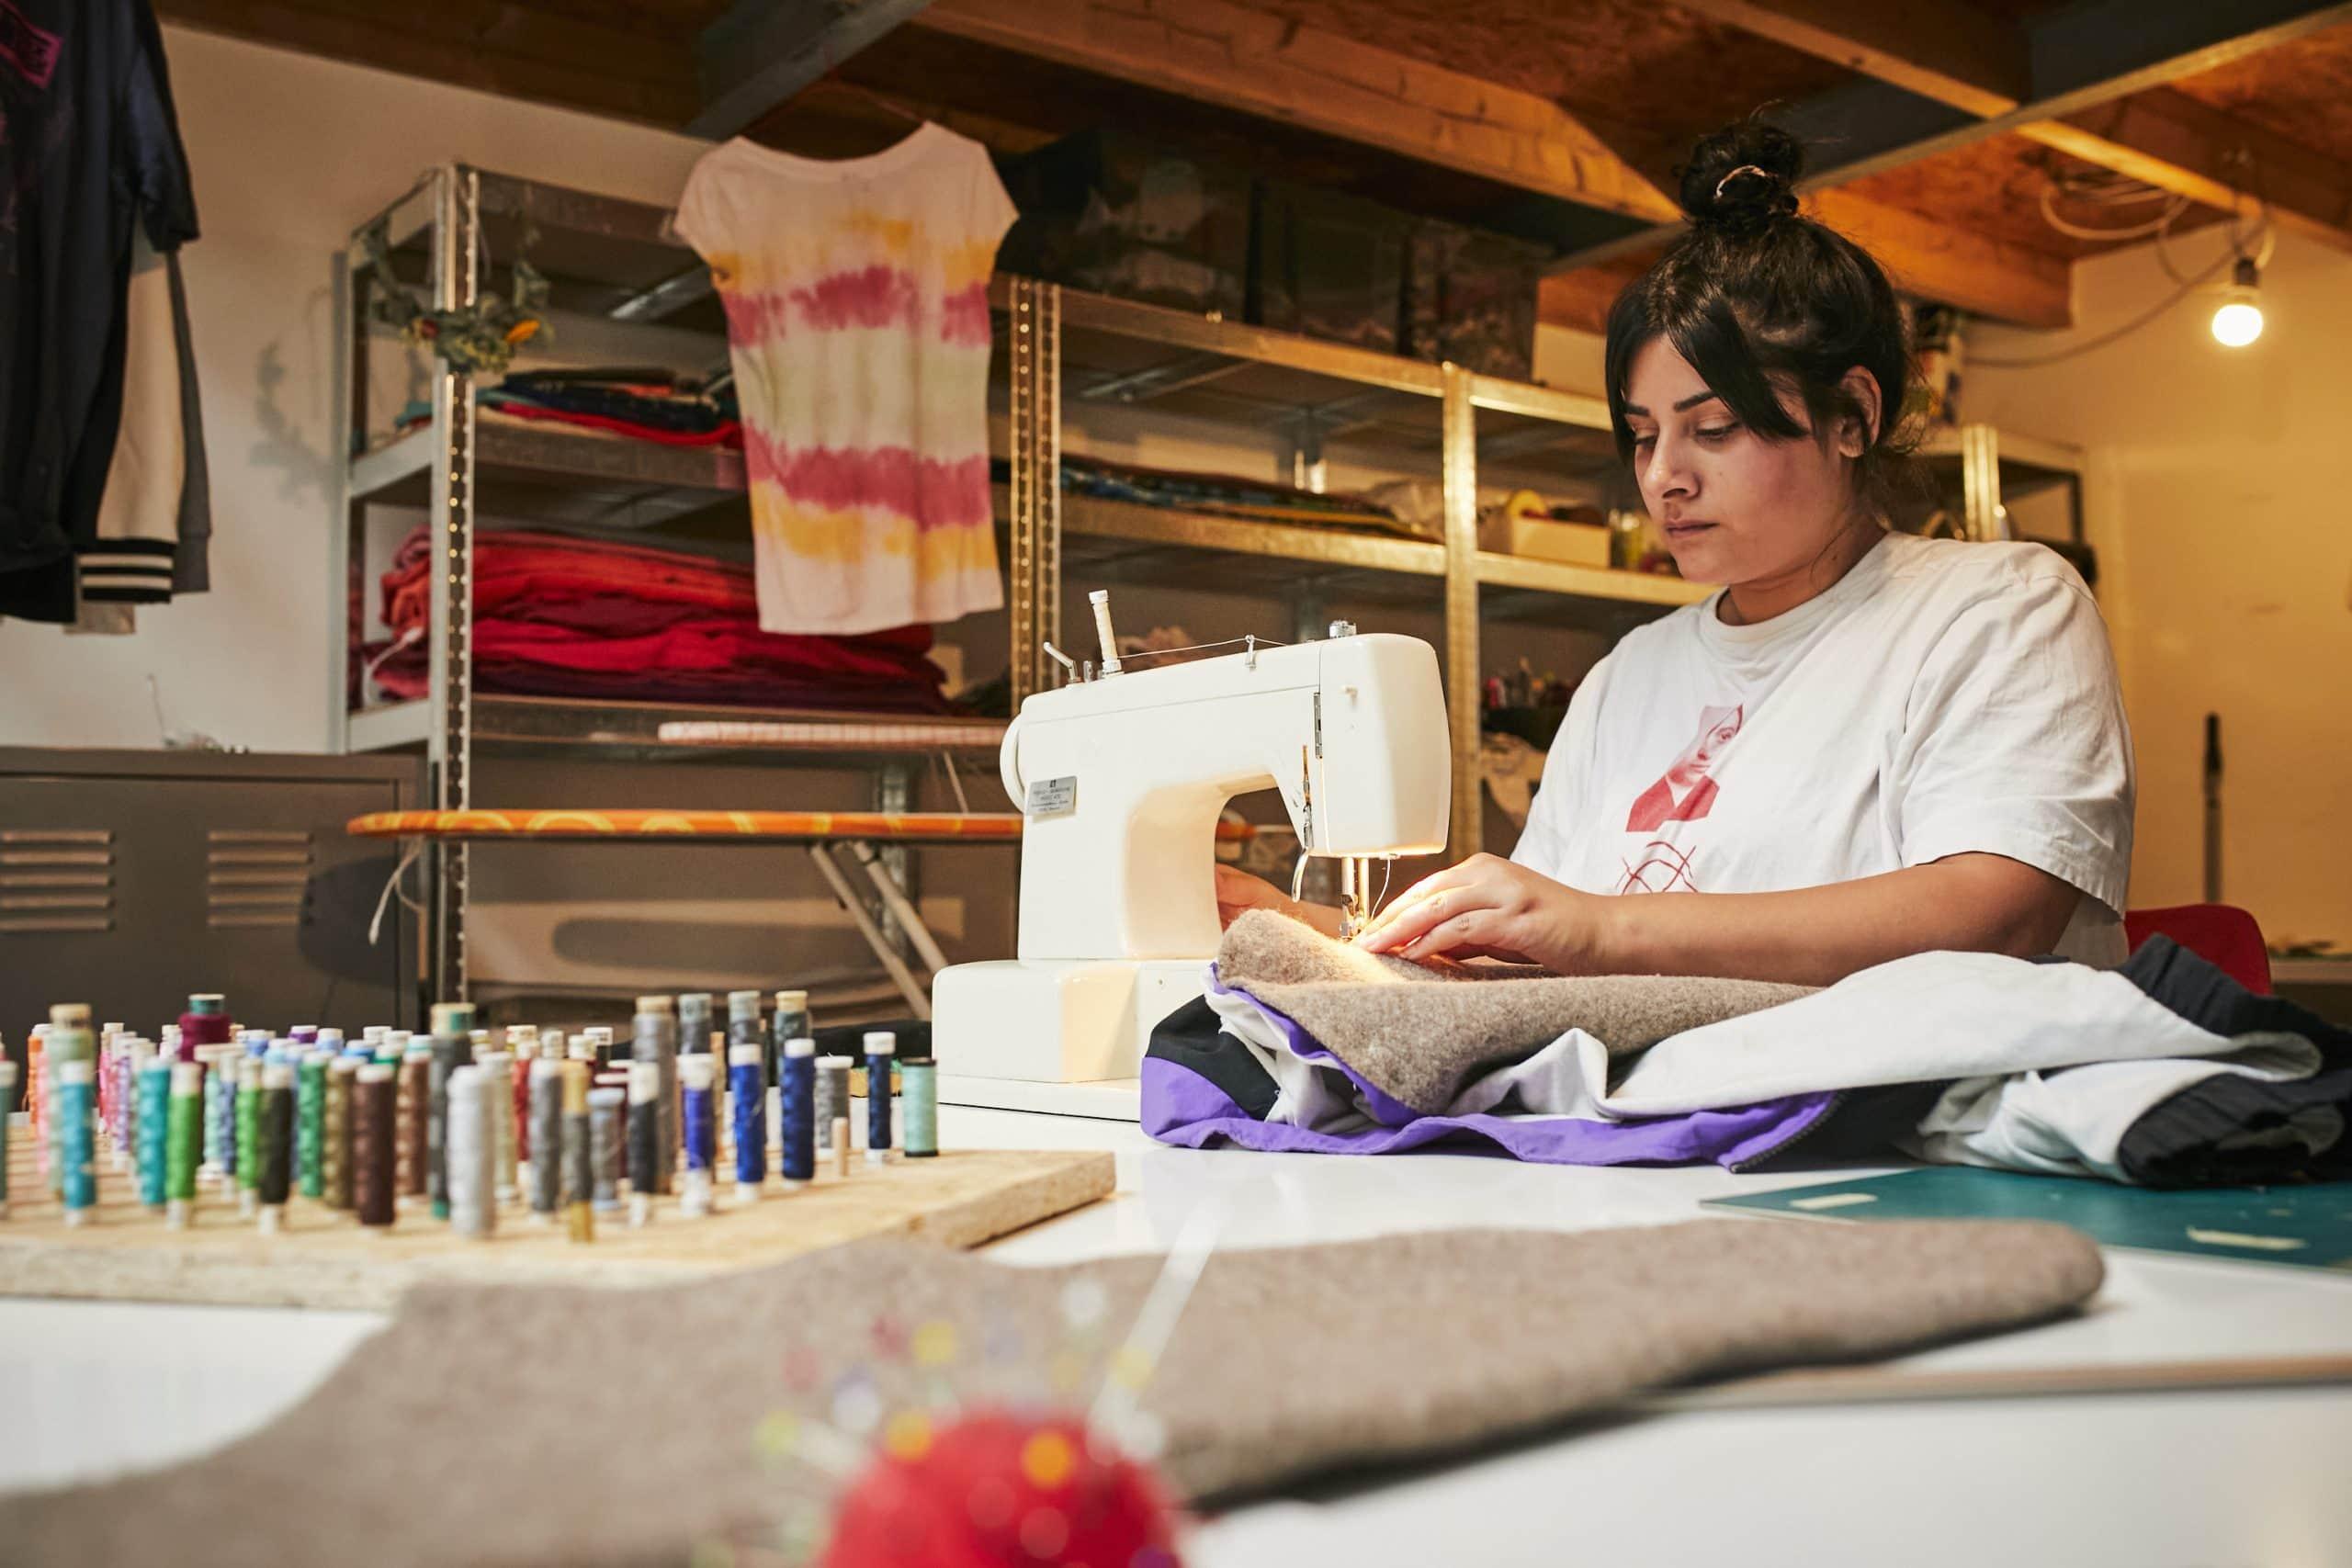 Frau remixt Kleidungsstücke an Nähmaschine